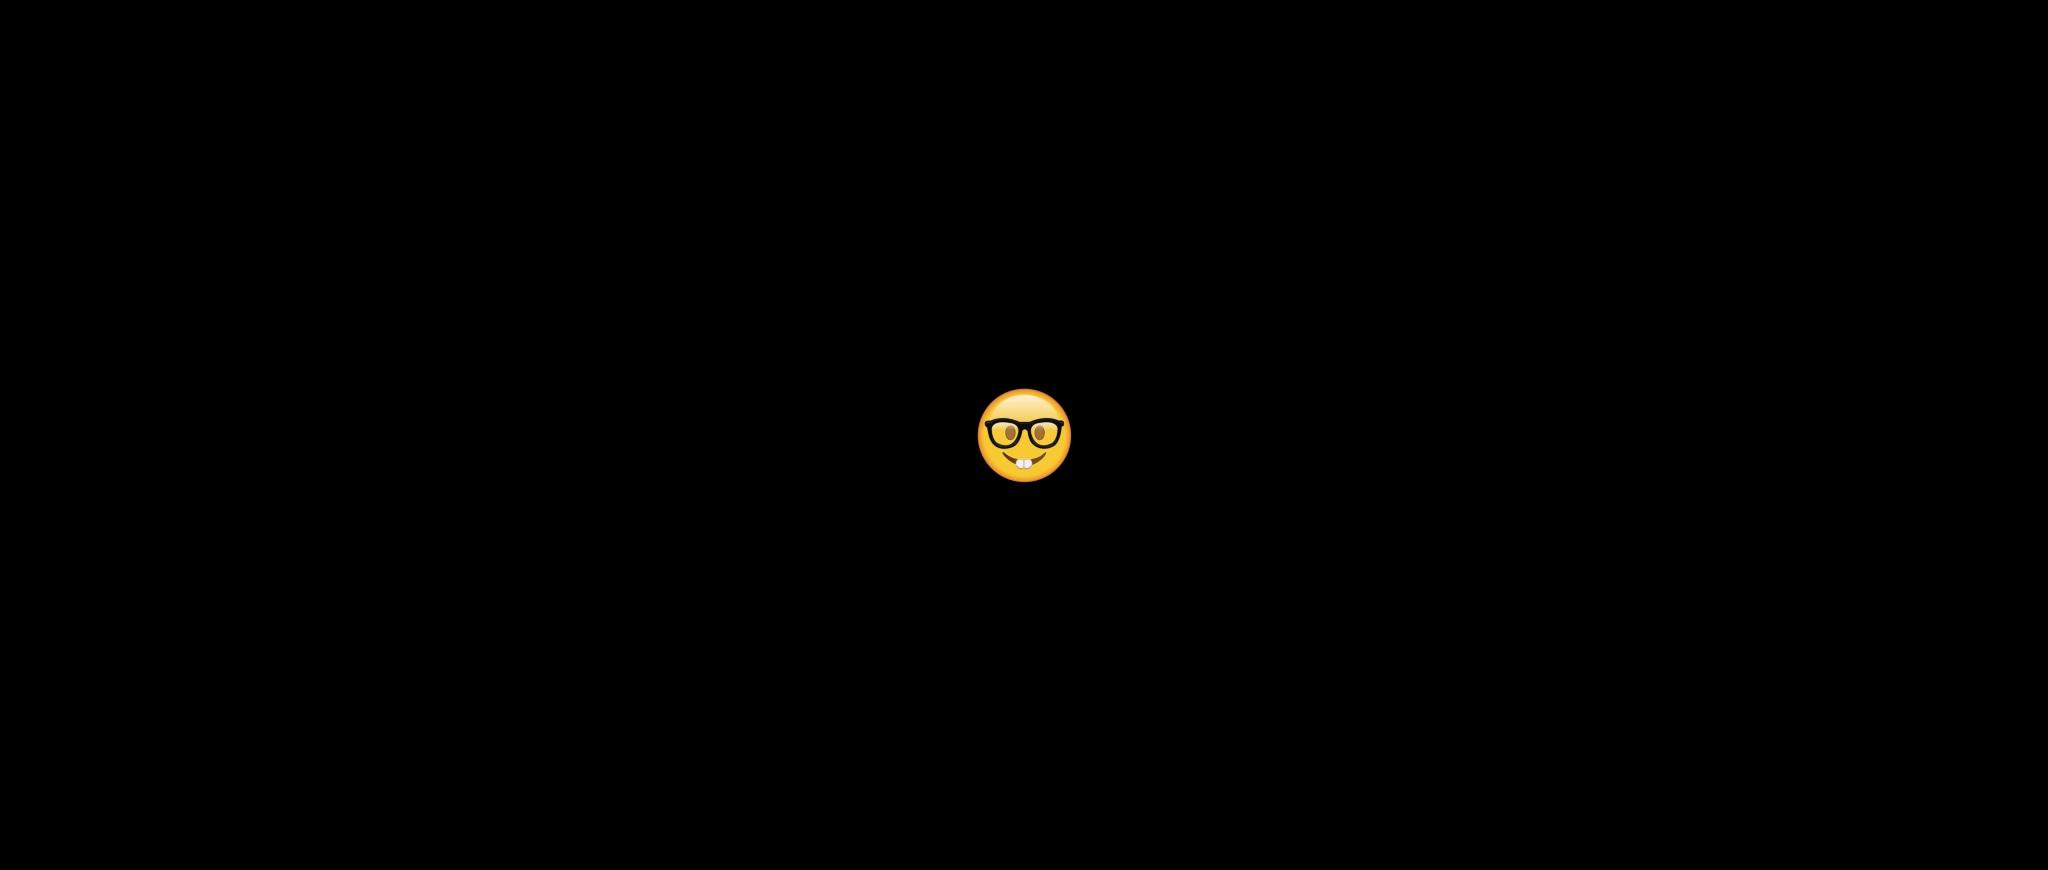 vlcsnap-2021-01-31-19h19m57s803